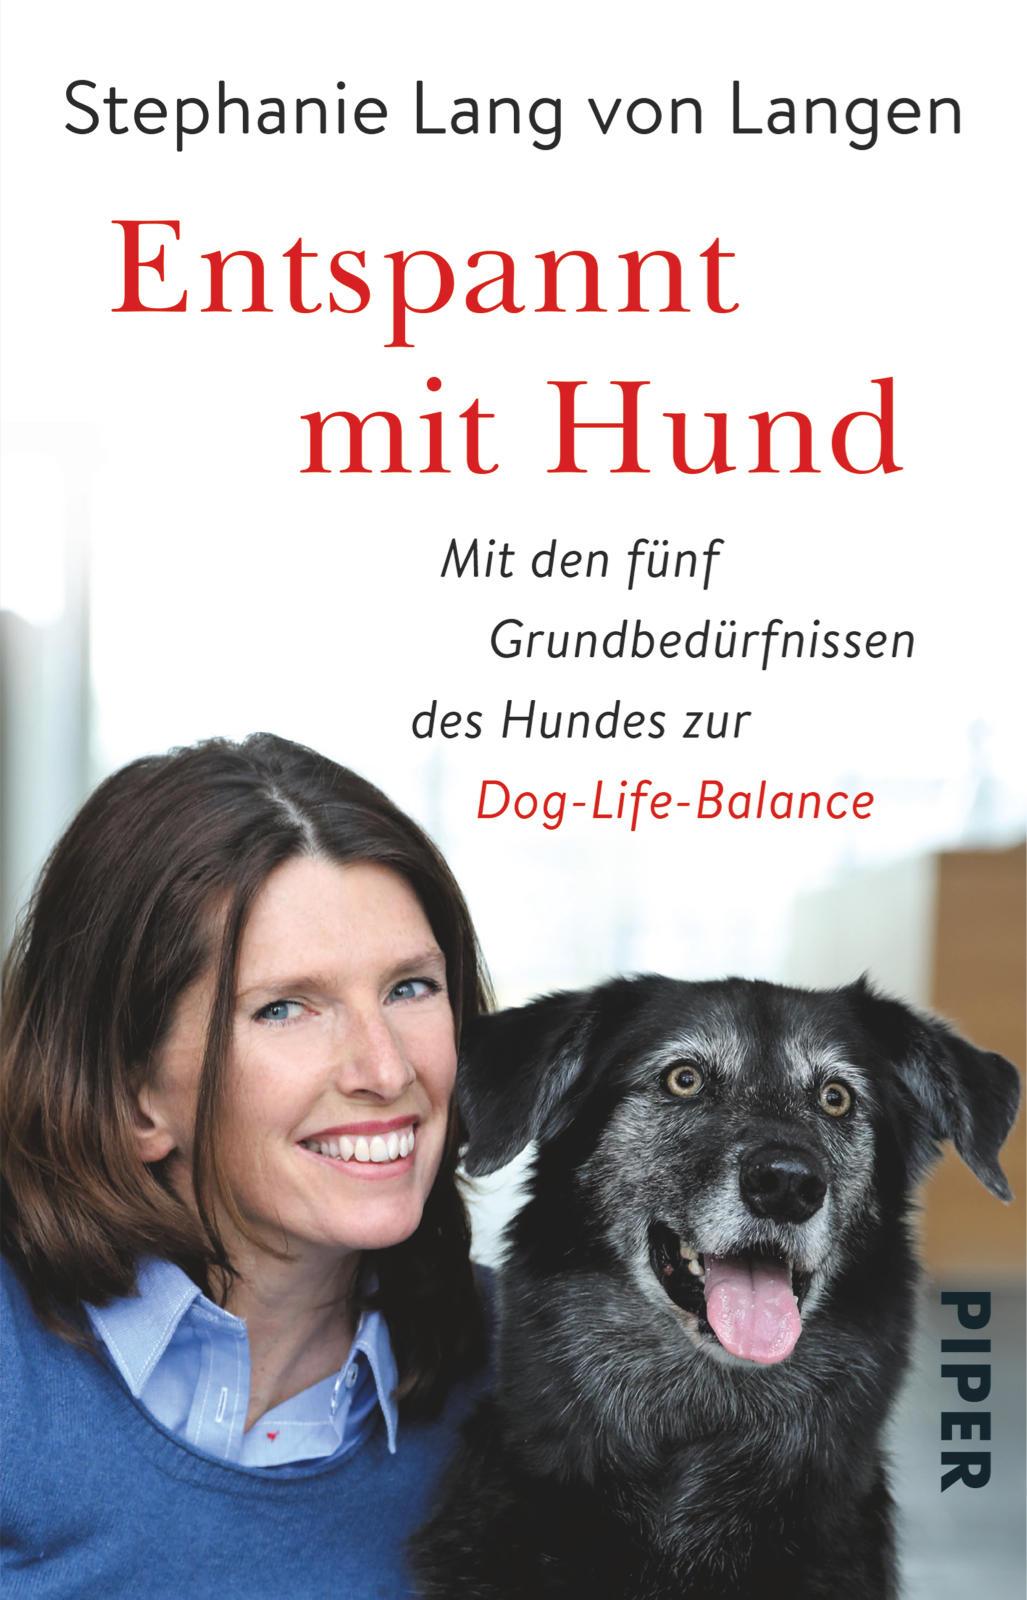 Buchtipp: Entspannt mit Hund von Stephanie Lang von Langen